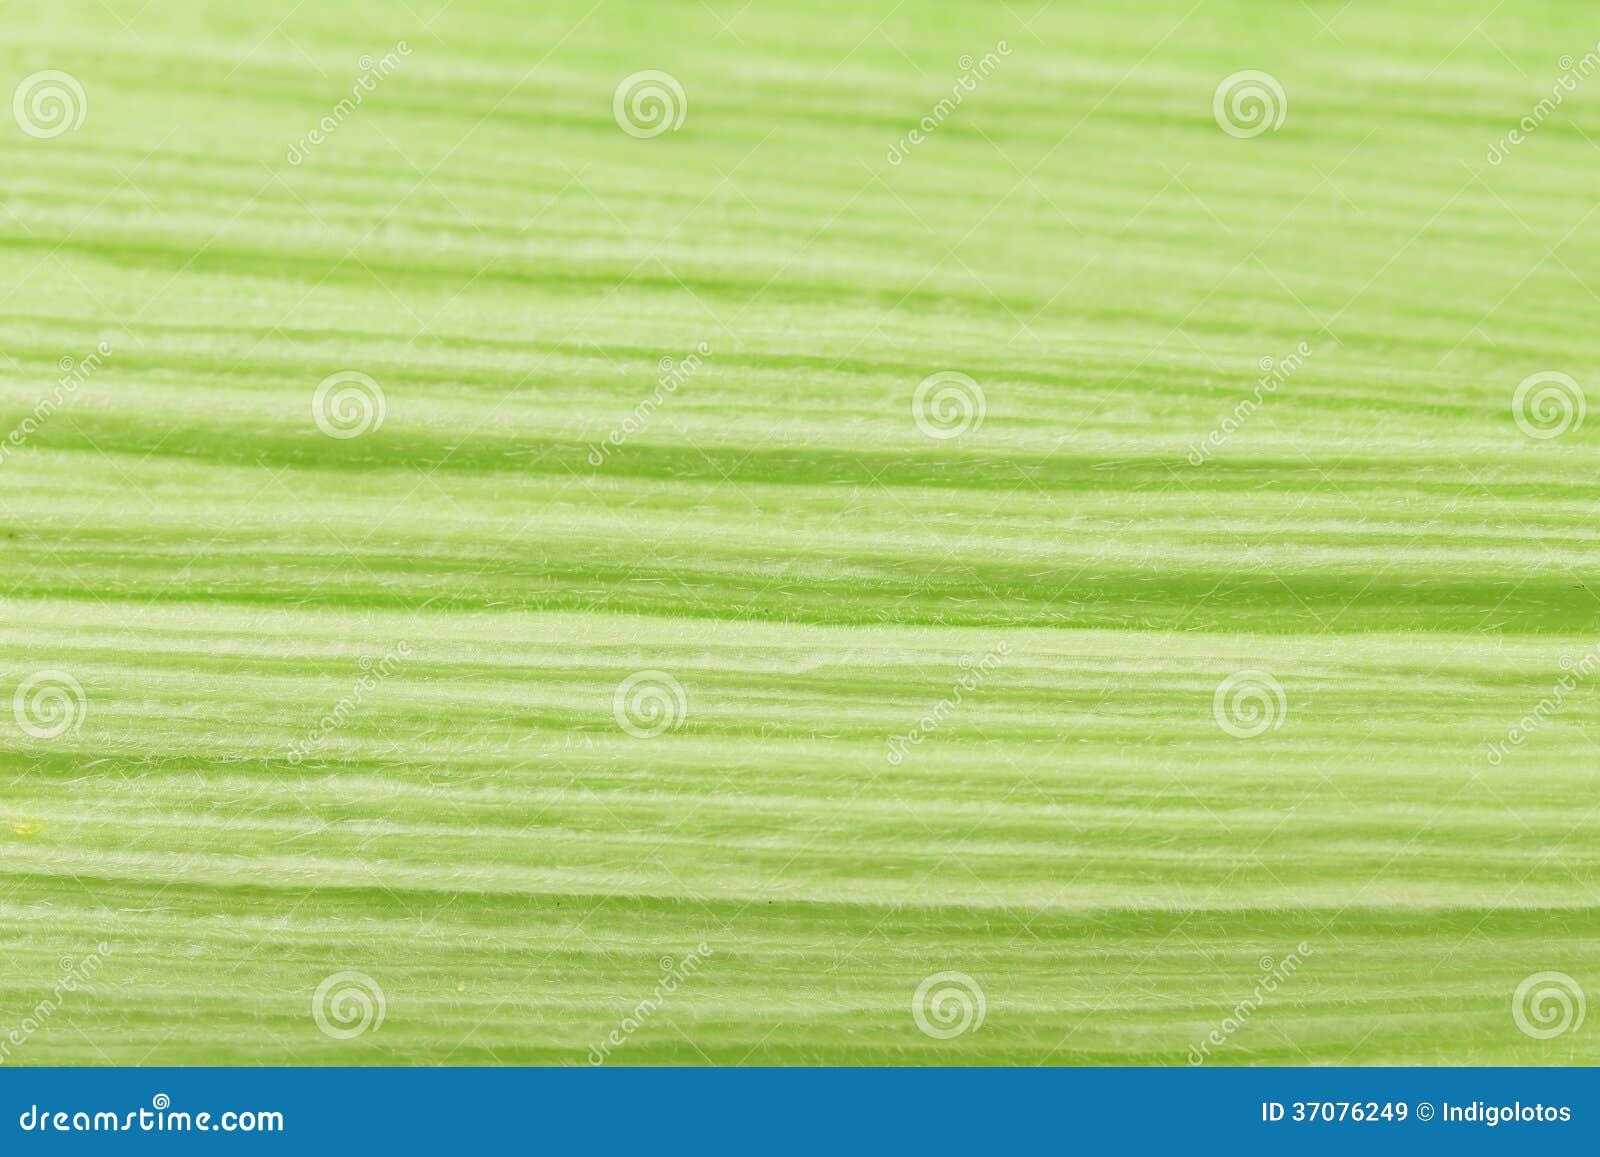 Download Zamyka Up Kukurydzana Liść Tekstura. Obraz Stock - Obraz złożonej z tło, zakończenie: 37076249